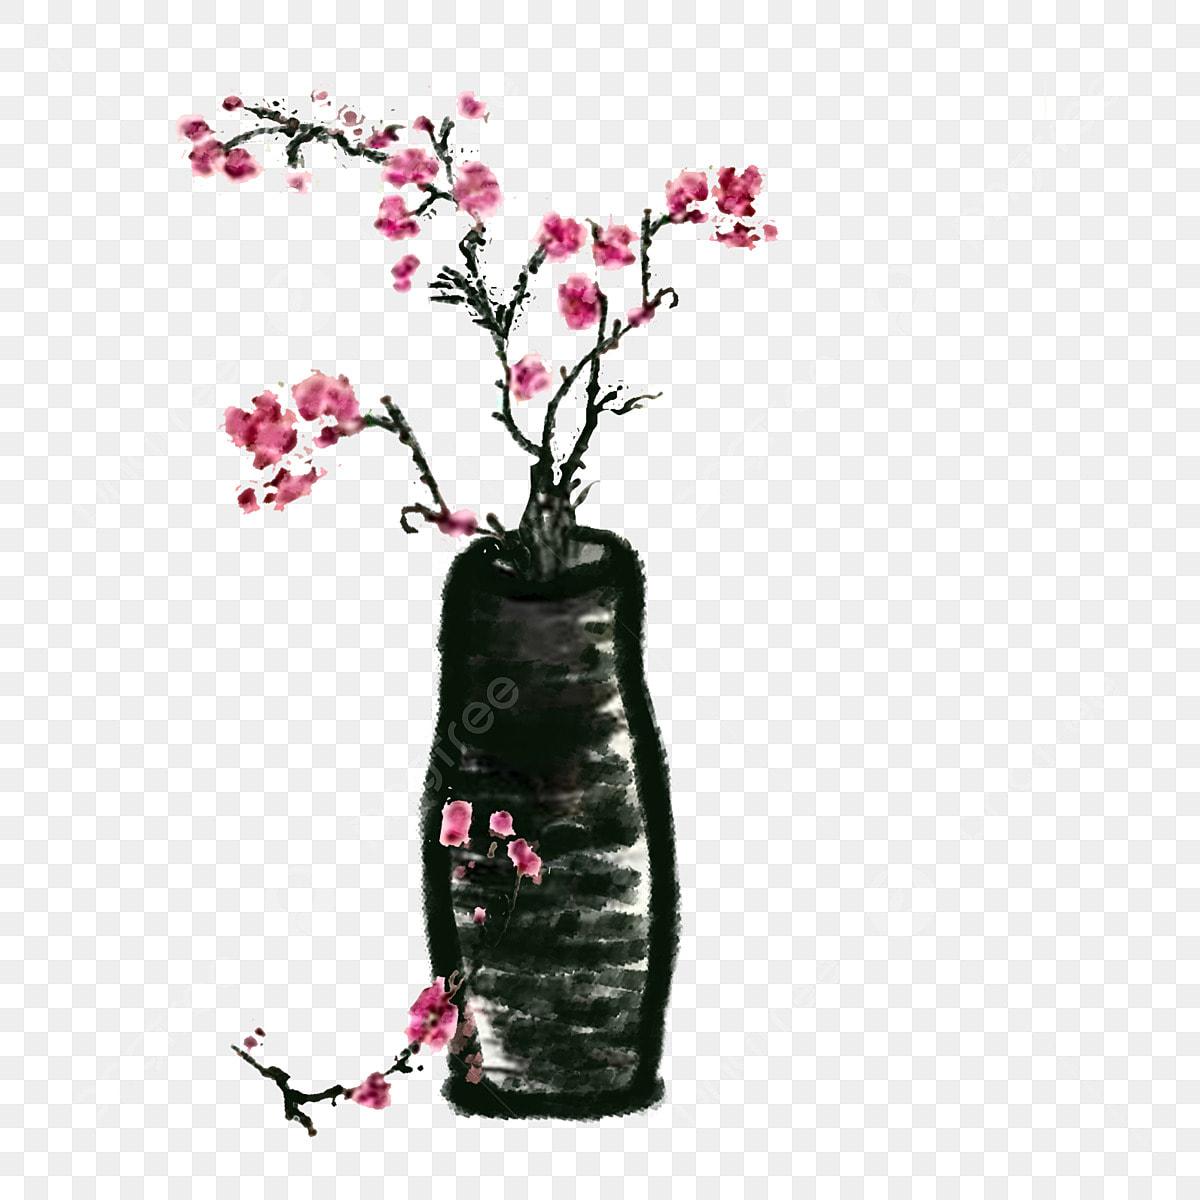 Couleur Dessin Animé Dessiné à La Main Vase Vase Branche